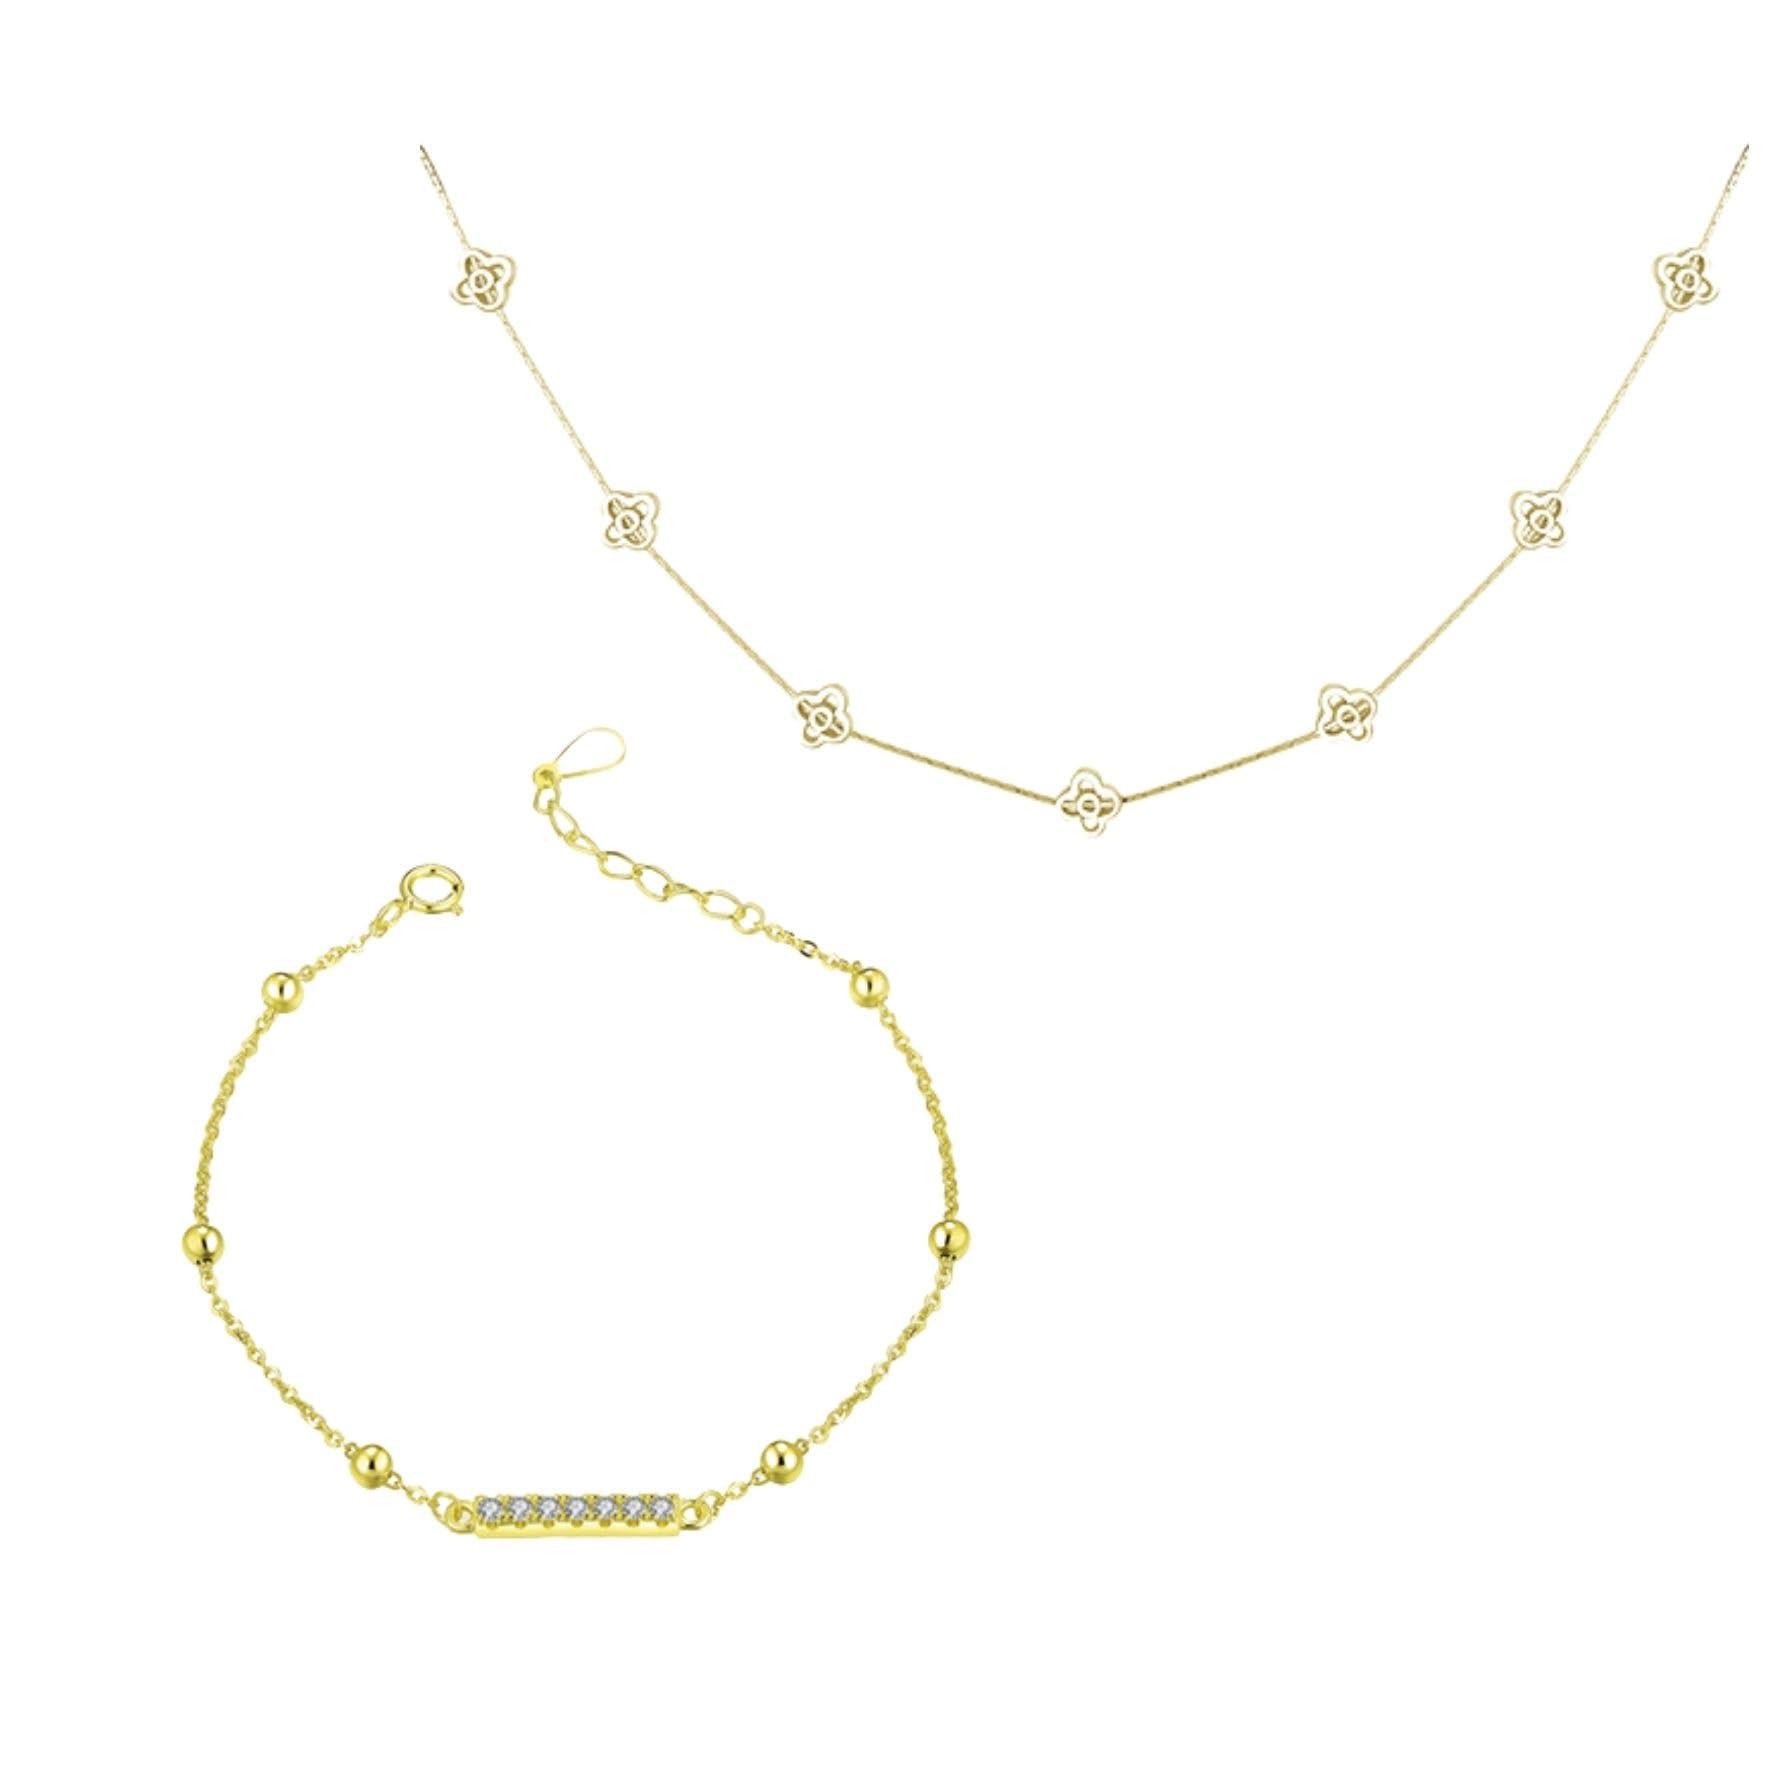 Jewelry mix: Flowers